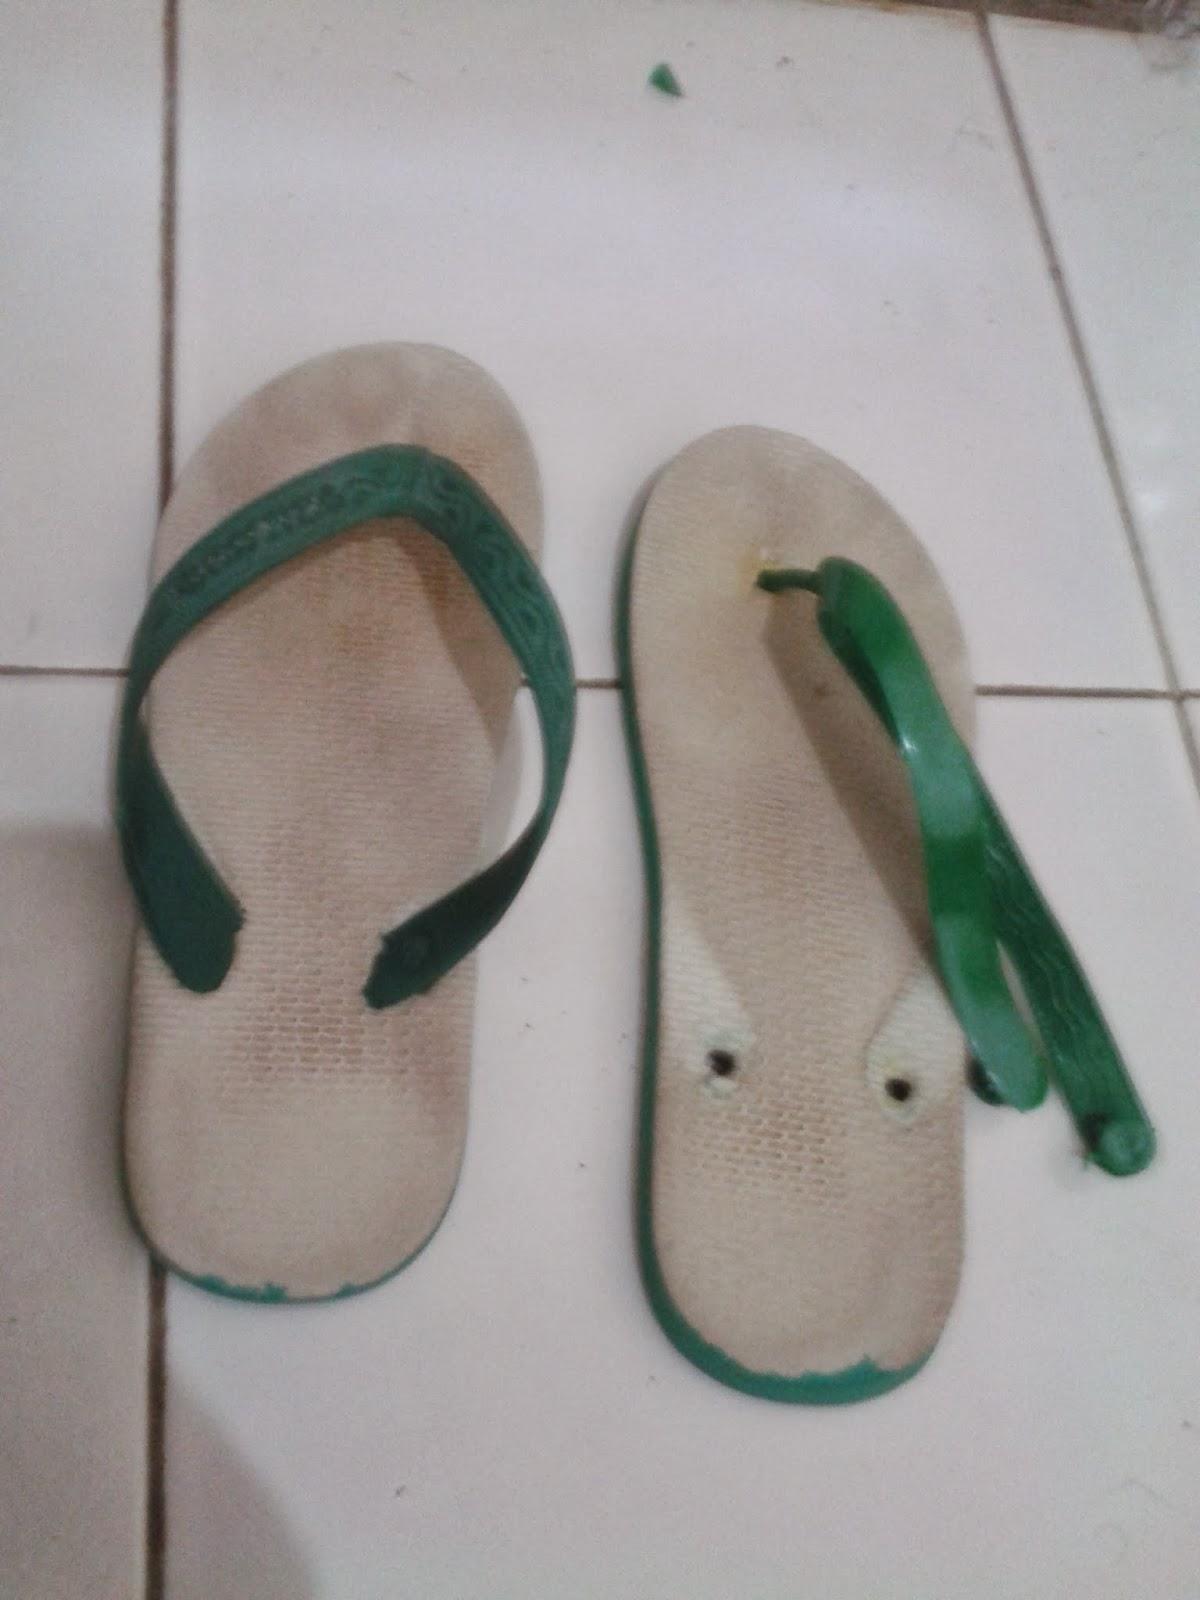 Trik Irit dan Hemat Sandal Jepit Untuk Anak Kos